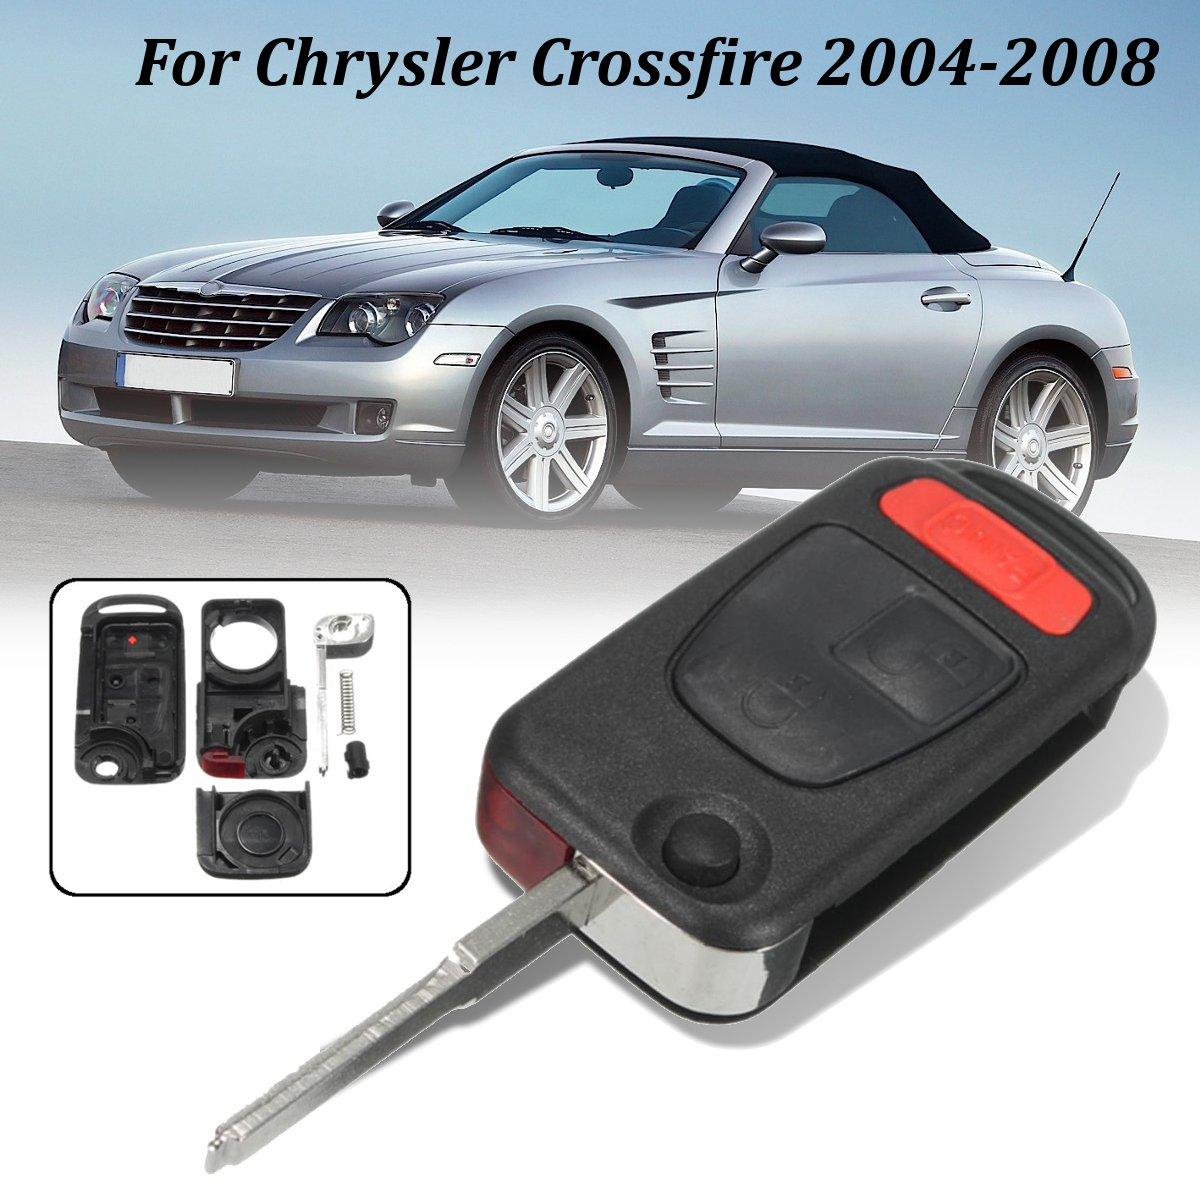 3 ボタンオリジナルフリップキーシェル車 Fob クライスラーダッジジープのための crossfire 2004 〜 2008 ベンツ SLK32 amg